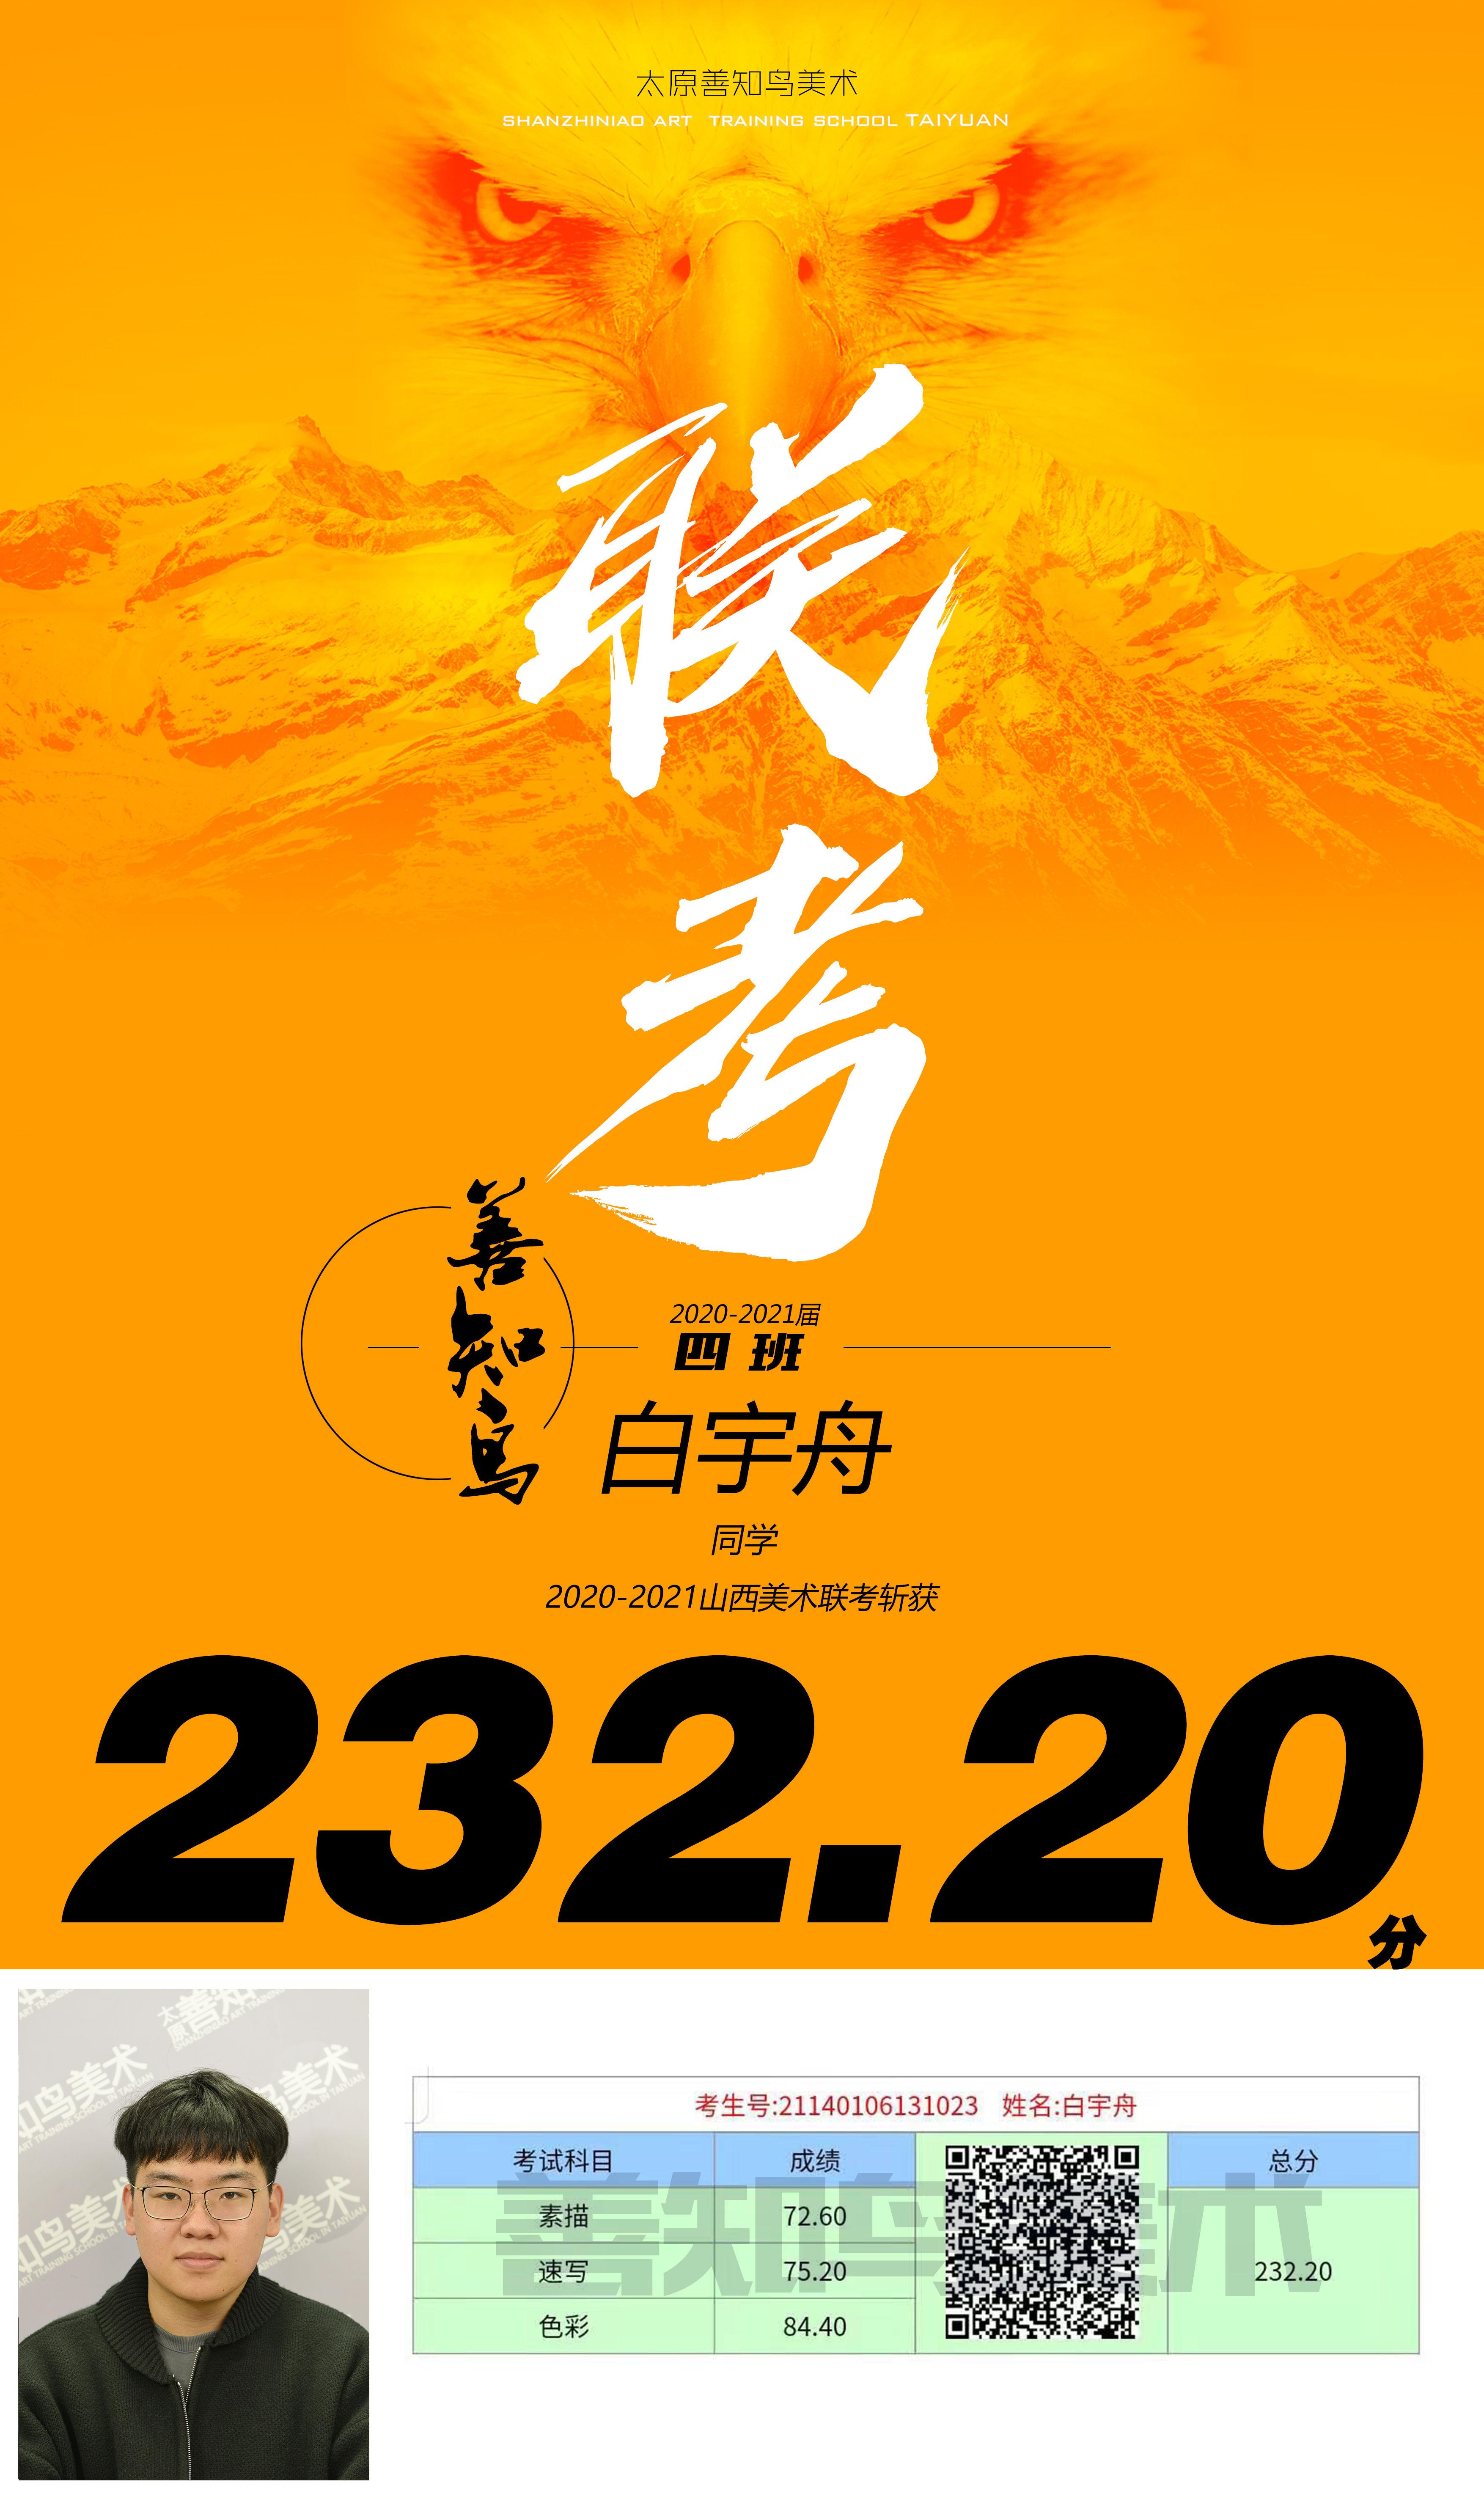 232.20白宇舟.jpg